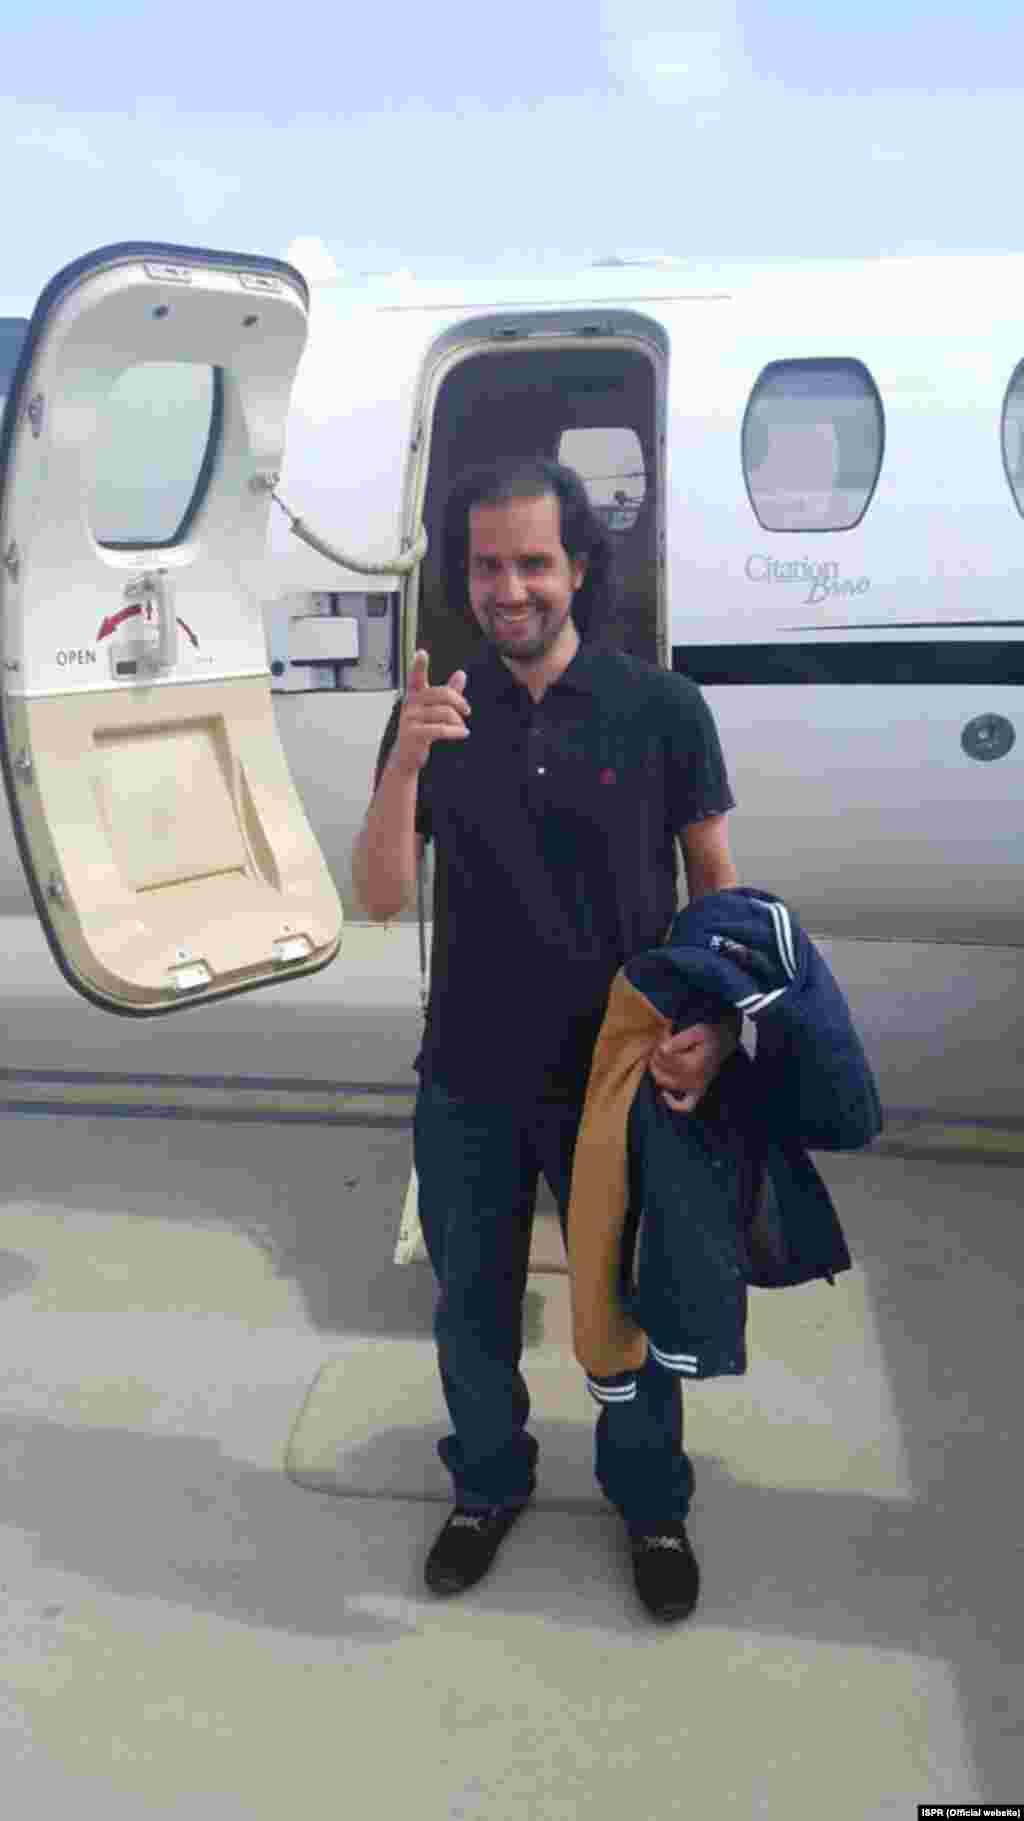 شہباز تاثیر کو ایک روز قبل بلوچستان کے علاقے کچلاک سے بازیاب کروایا گیا تھا۔